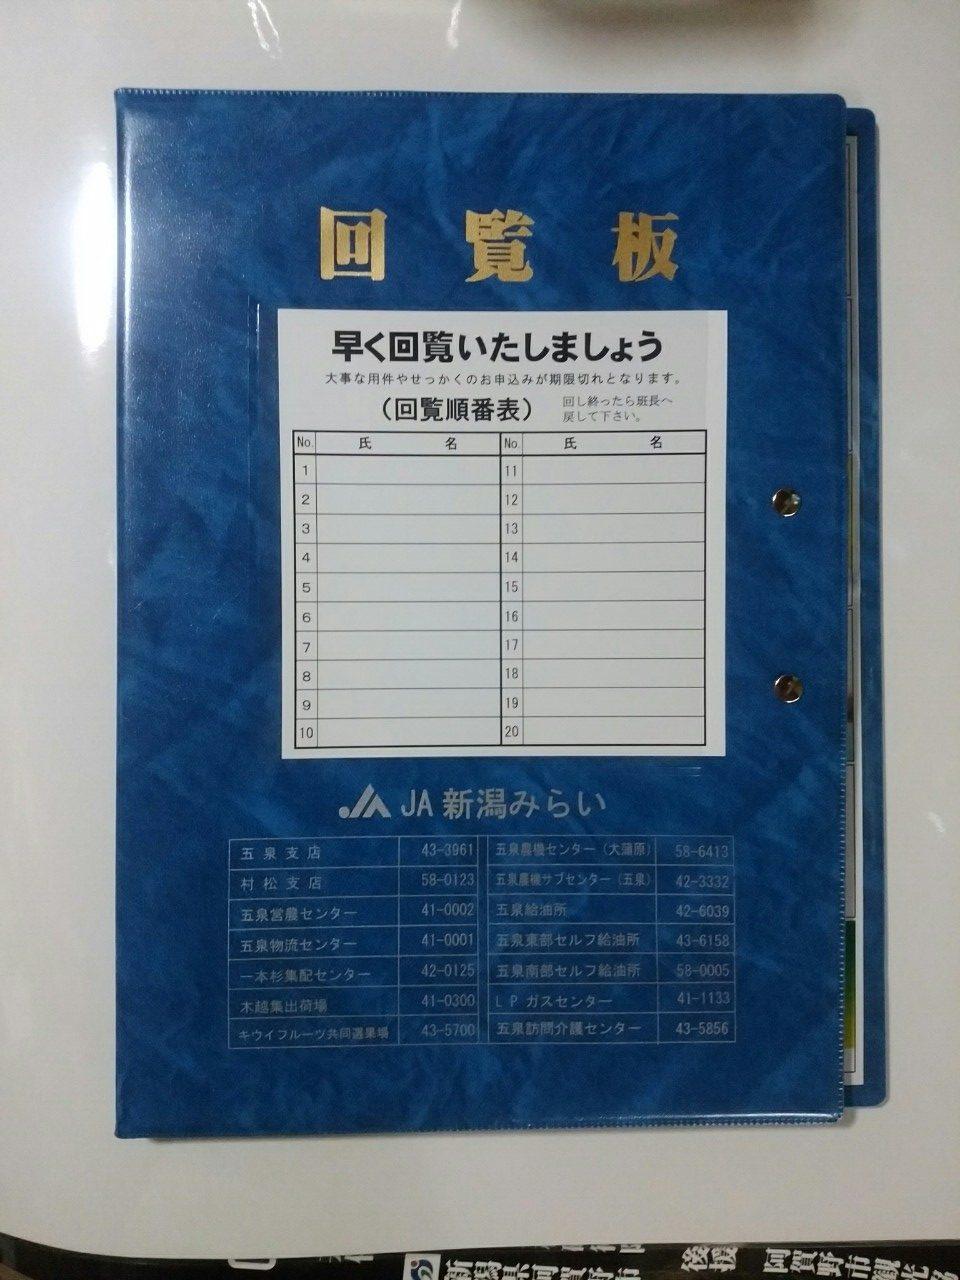 オリジナル回覧板